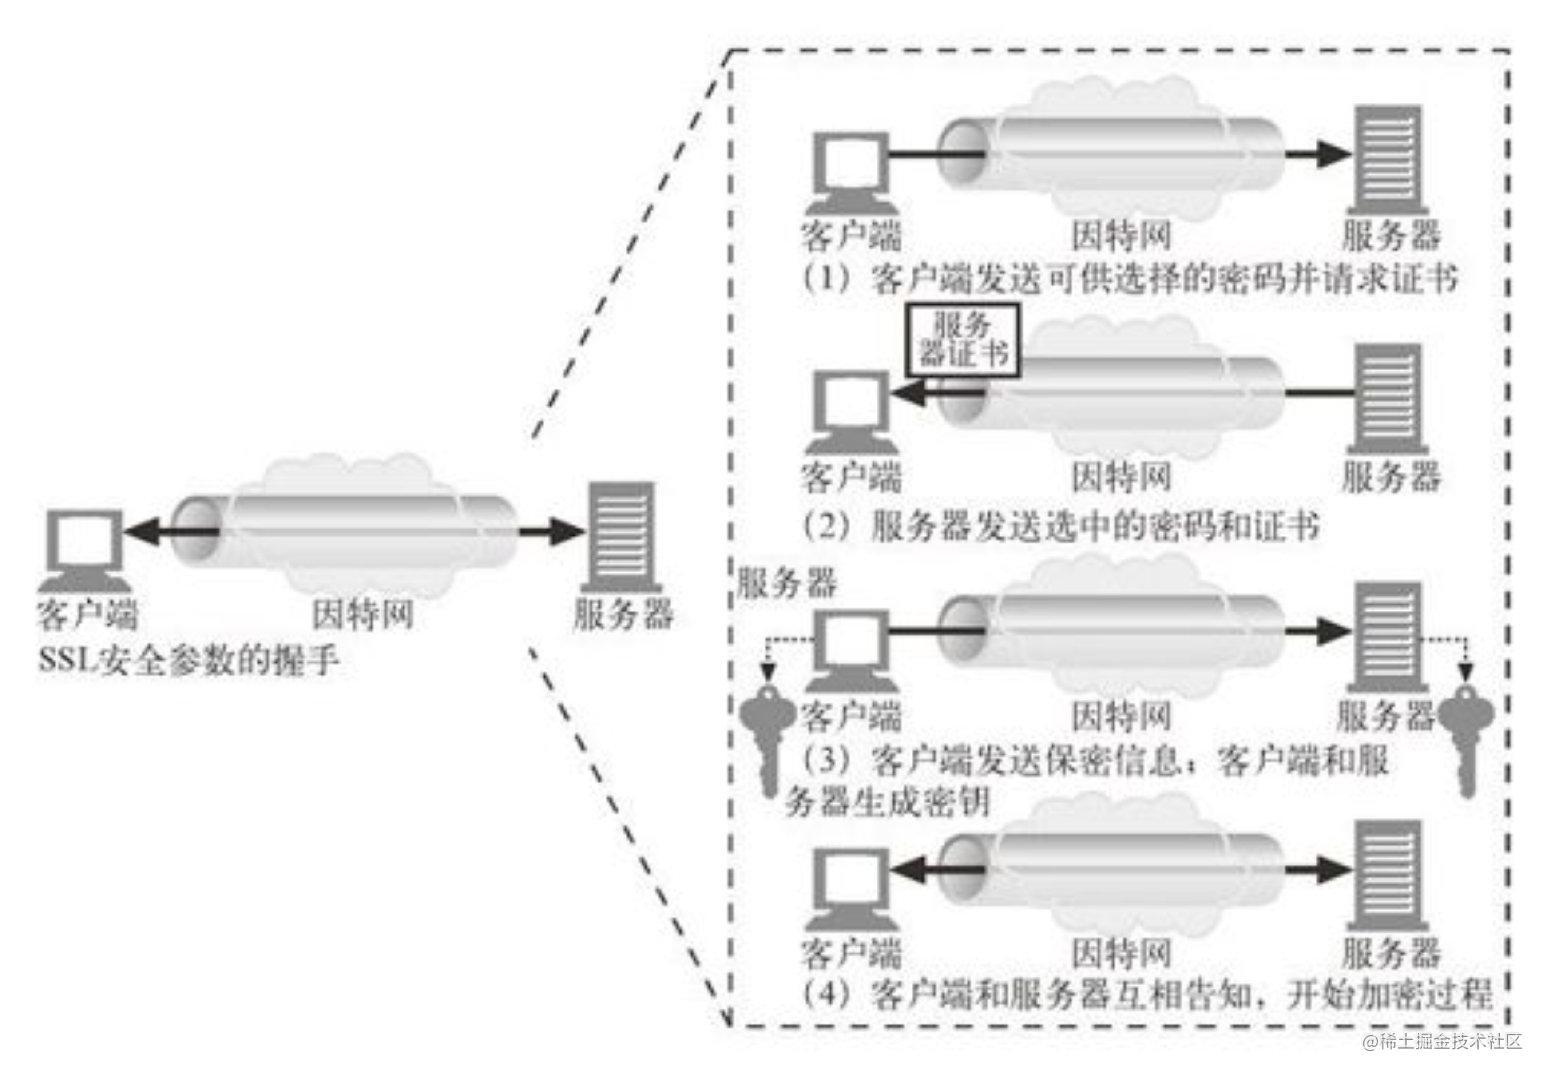 简化的SSL握手